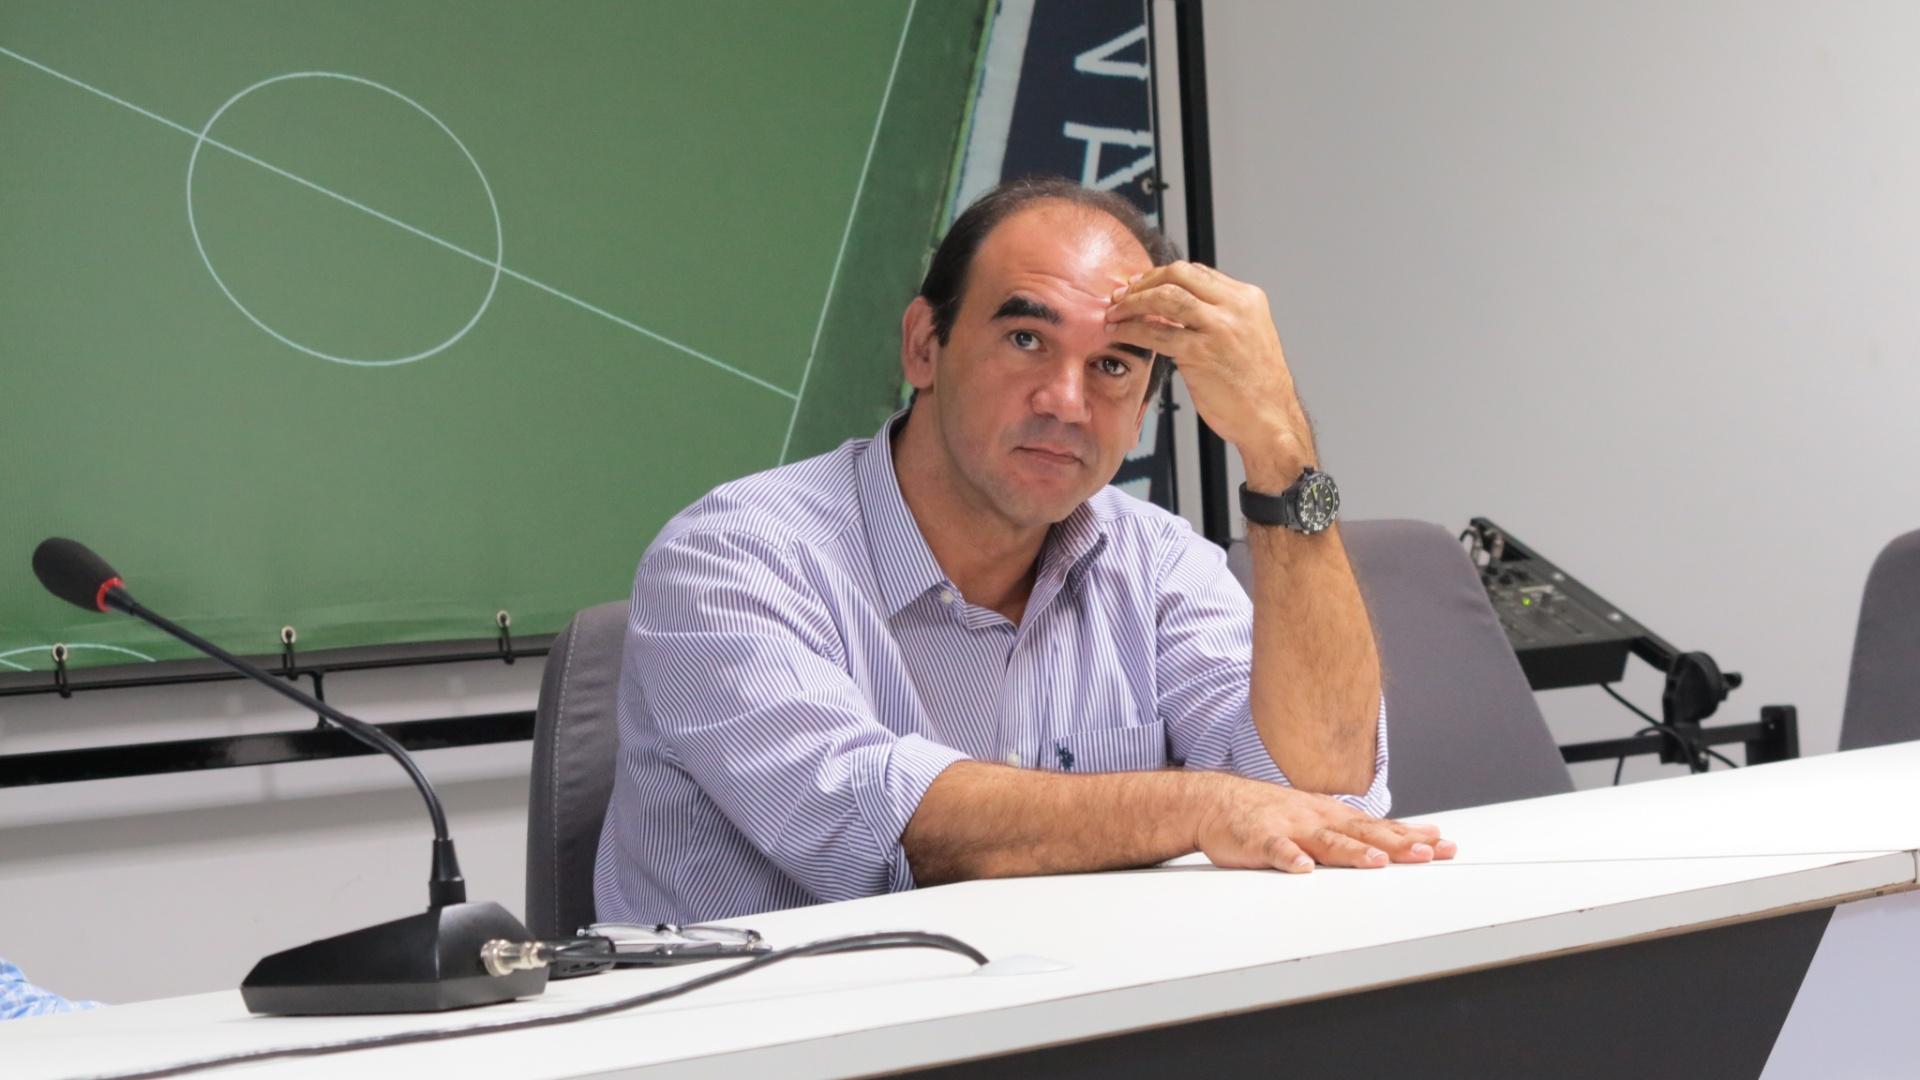 Ricardo Gomes, diretor executivo do Vasco, durante entrevista em São Januário (22/07/2013)